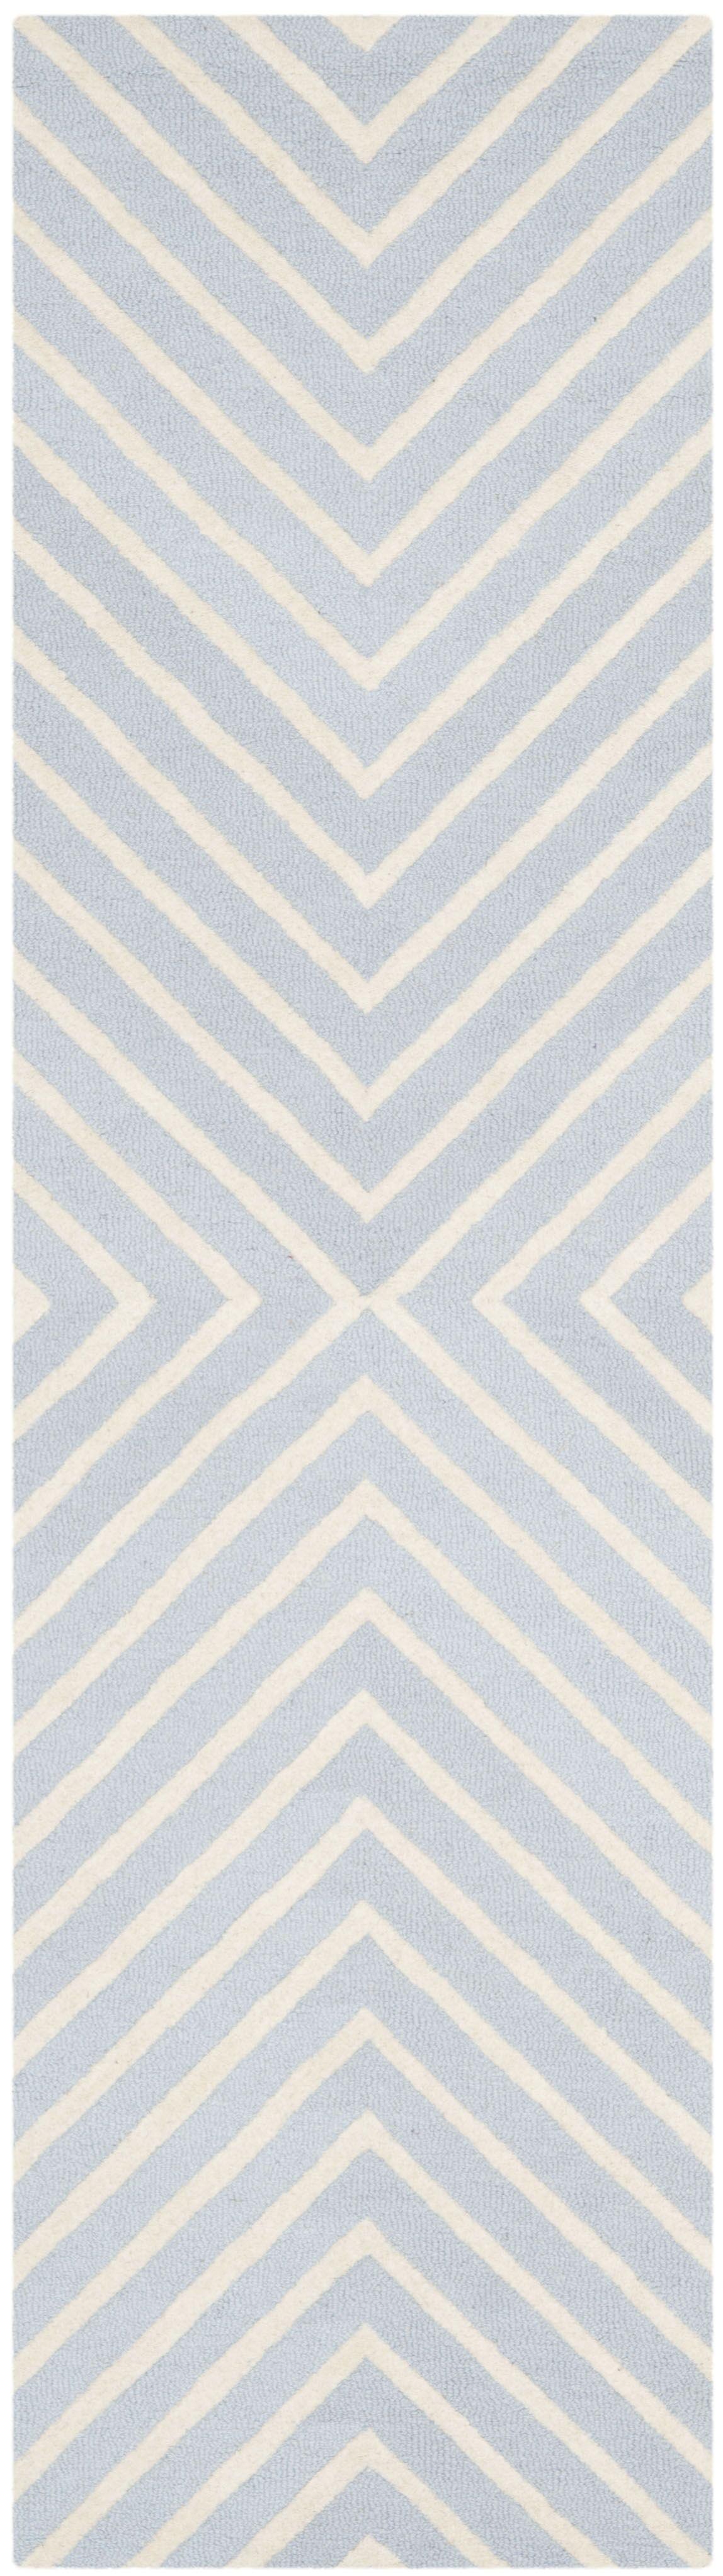 Weybridge Hand Woven Wool Light Blue/Ivory Area Rug Rug Size: Runner 2'6